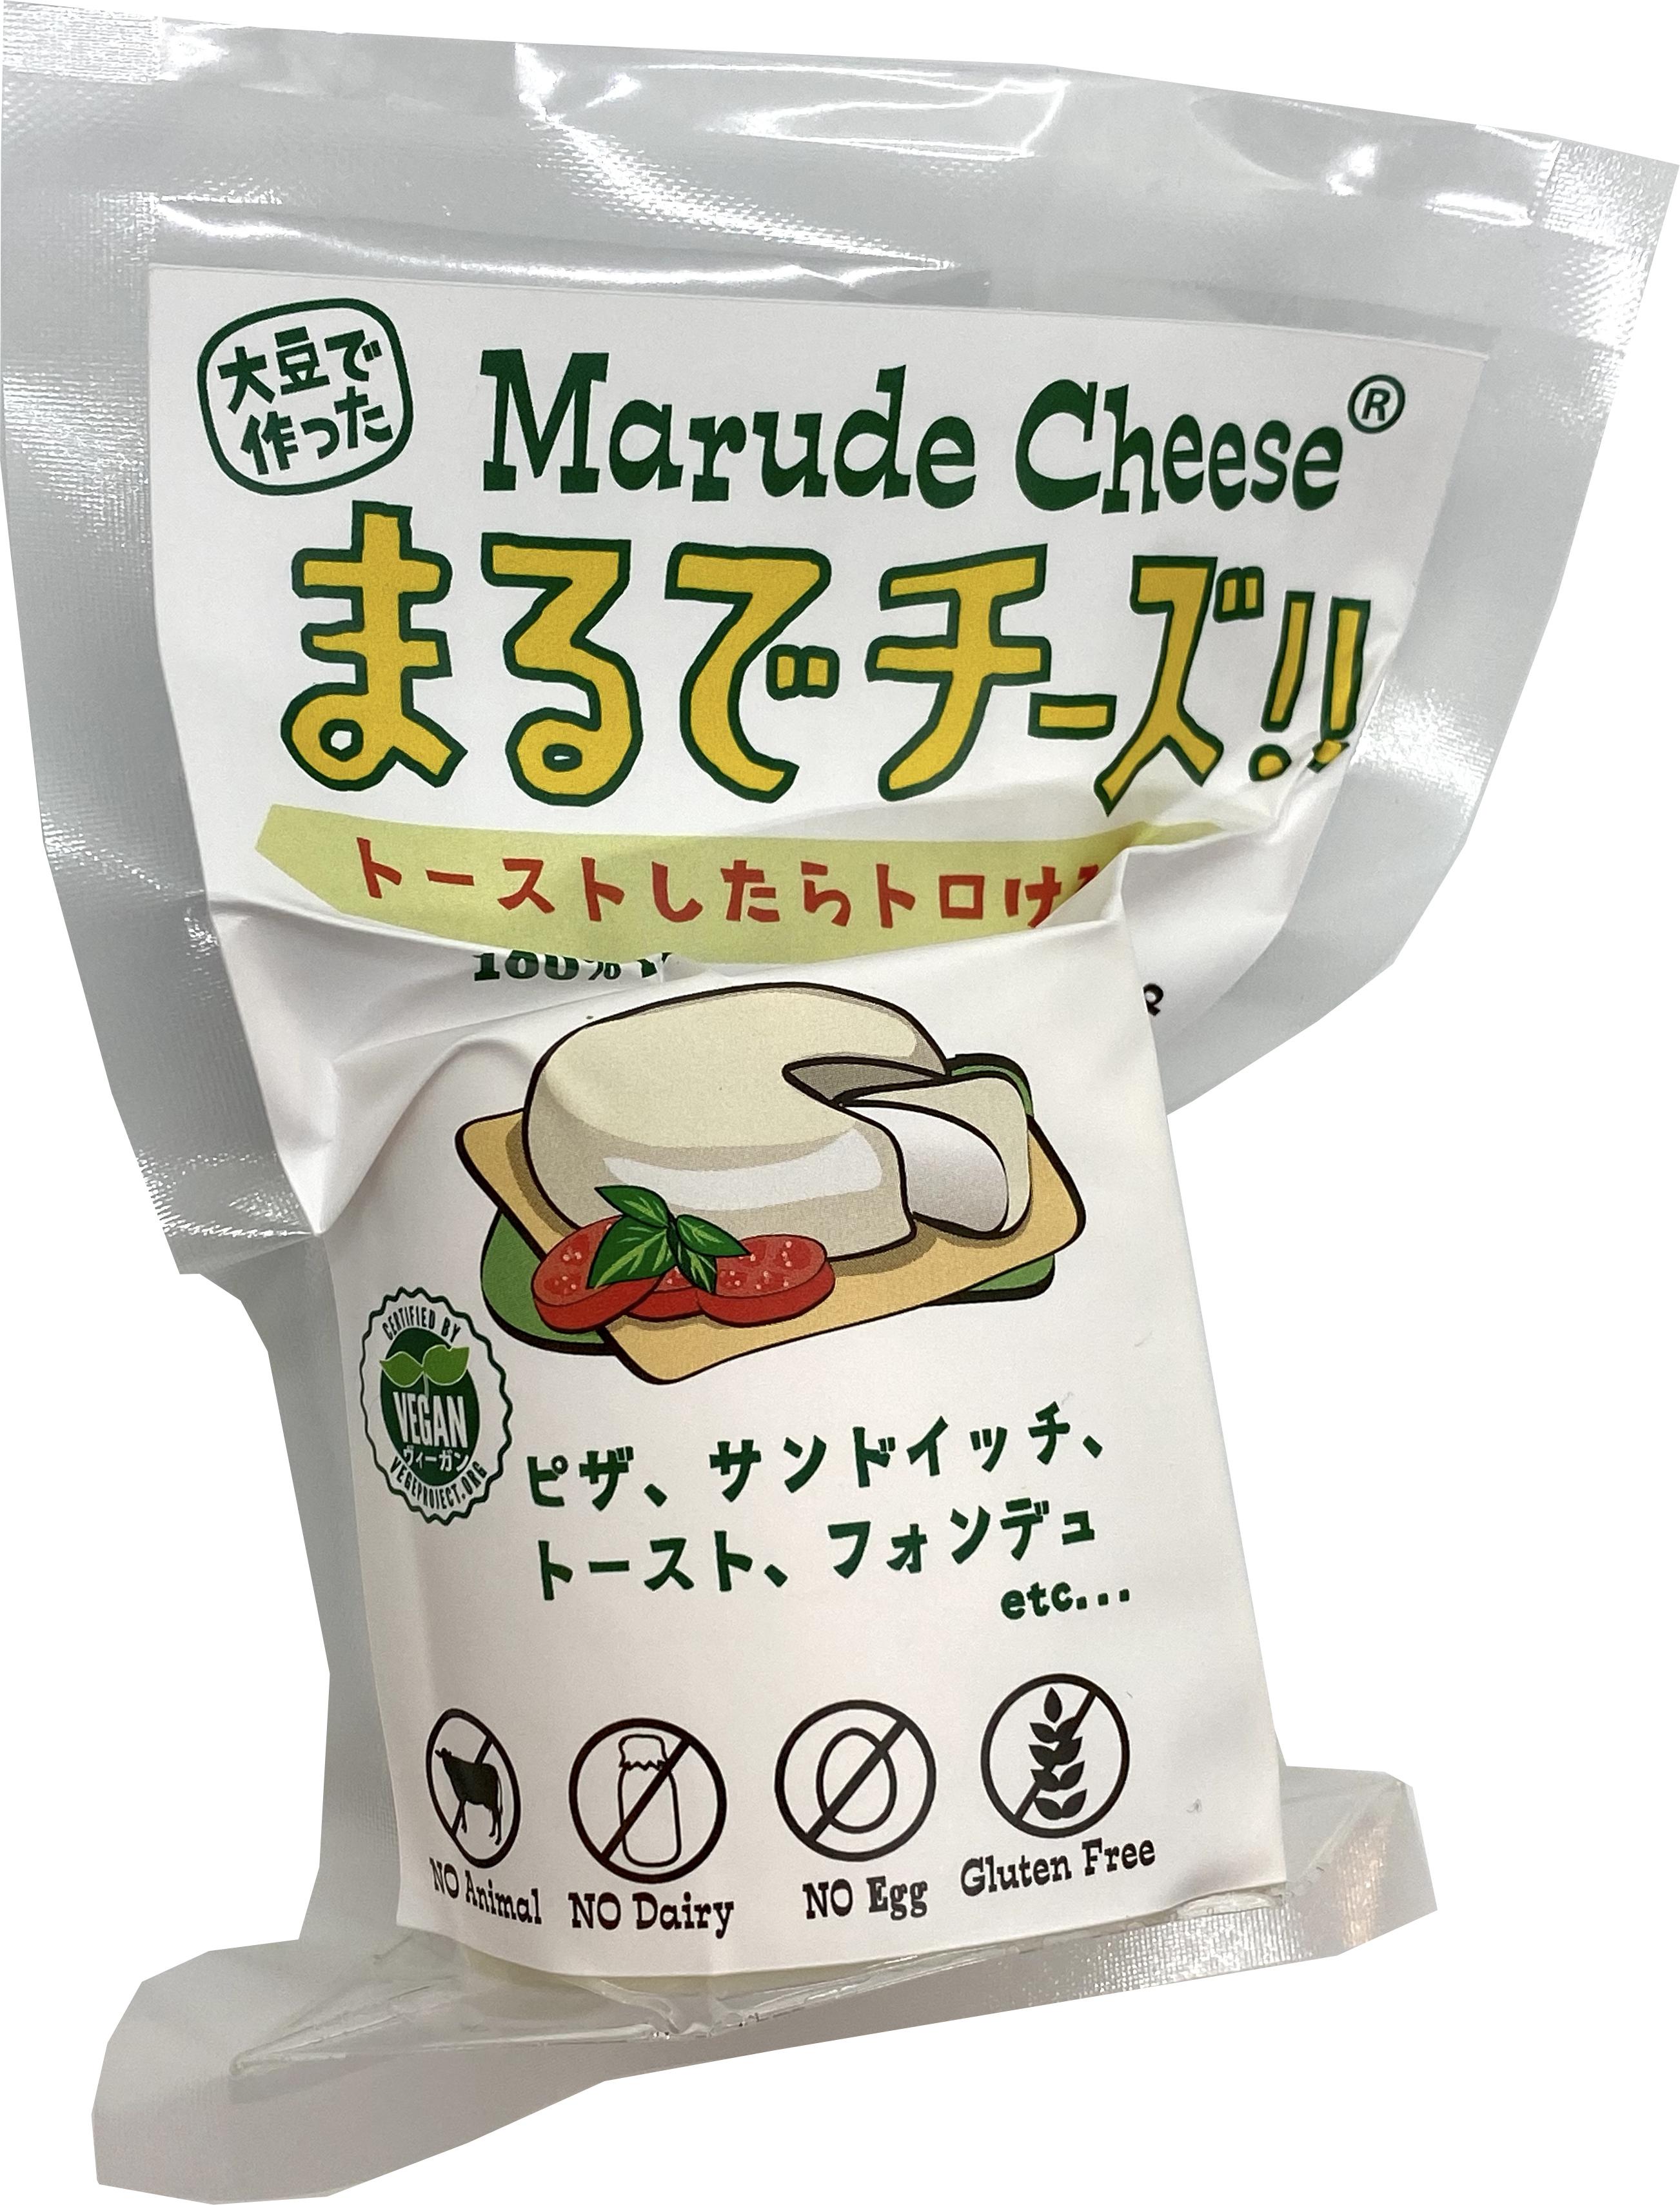 豆乳で作った「まるでチーズ」セミハードタイプ 120g   Marude Cheese (Soy Cheese) / Semi-hard Type 120g